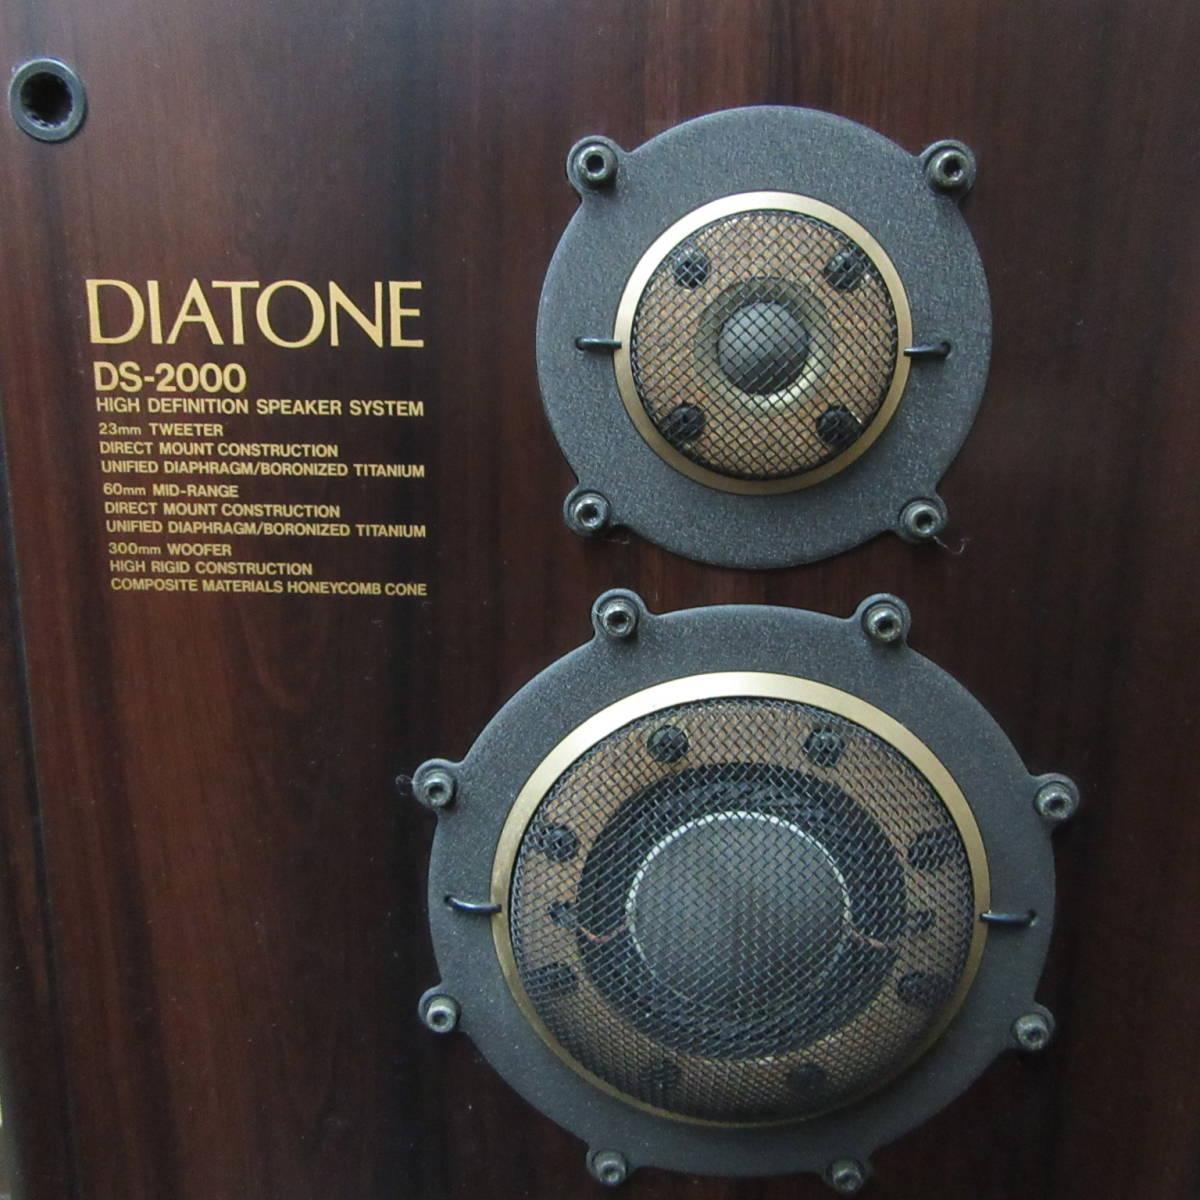 店頭引取歓迎 札幌発 DIATONE スピーカー DS-2000 3ウェイ3スピーカー ブックシェルフ型 オーディオ機器 ダイヤトーン 東KK_画像3